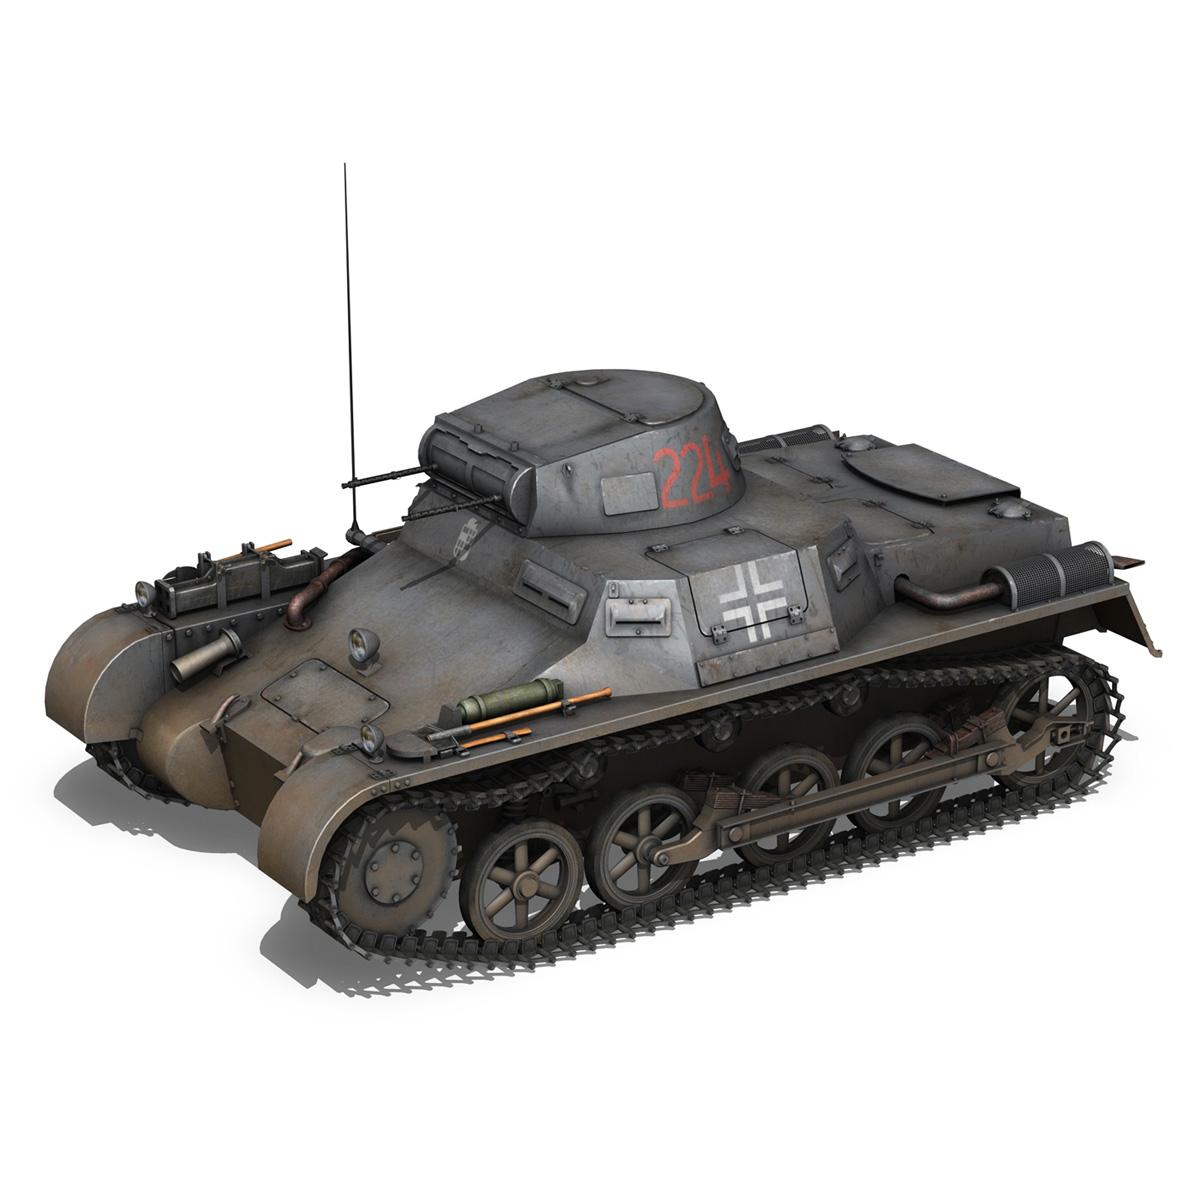 pzkpfw 1 - panzer 1 - ausf. a - Model 224 3d 3ds fbx c4d lwo obj 195074